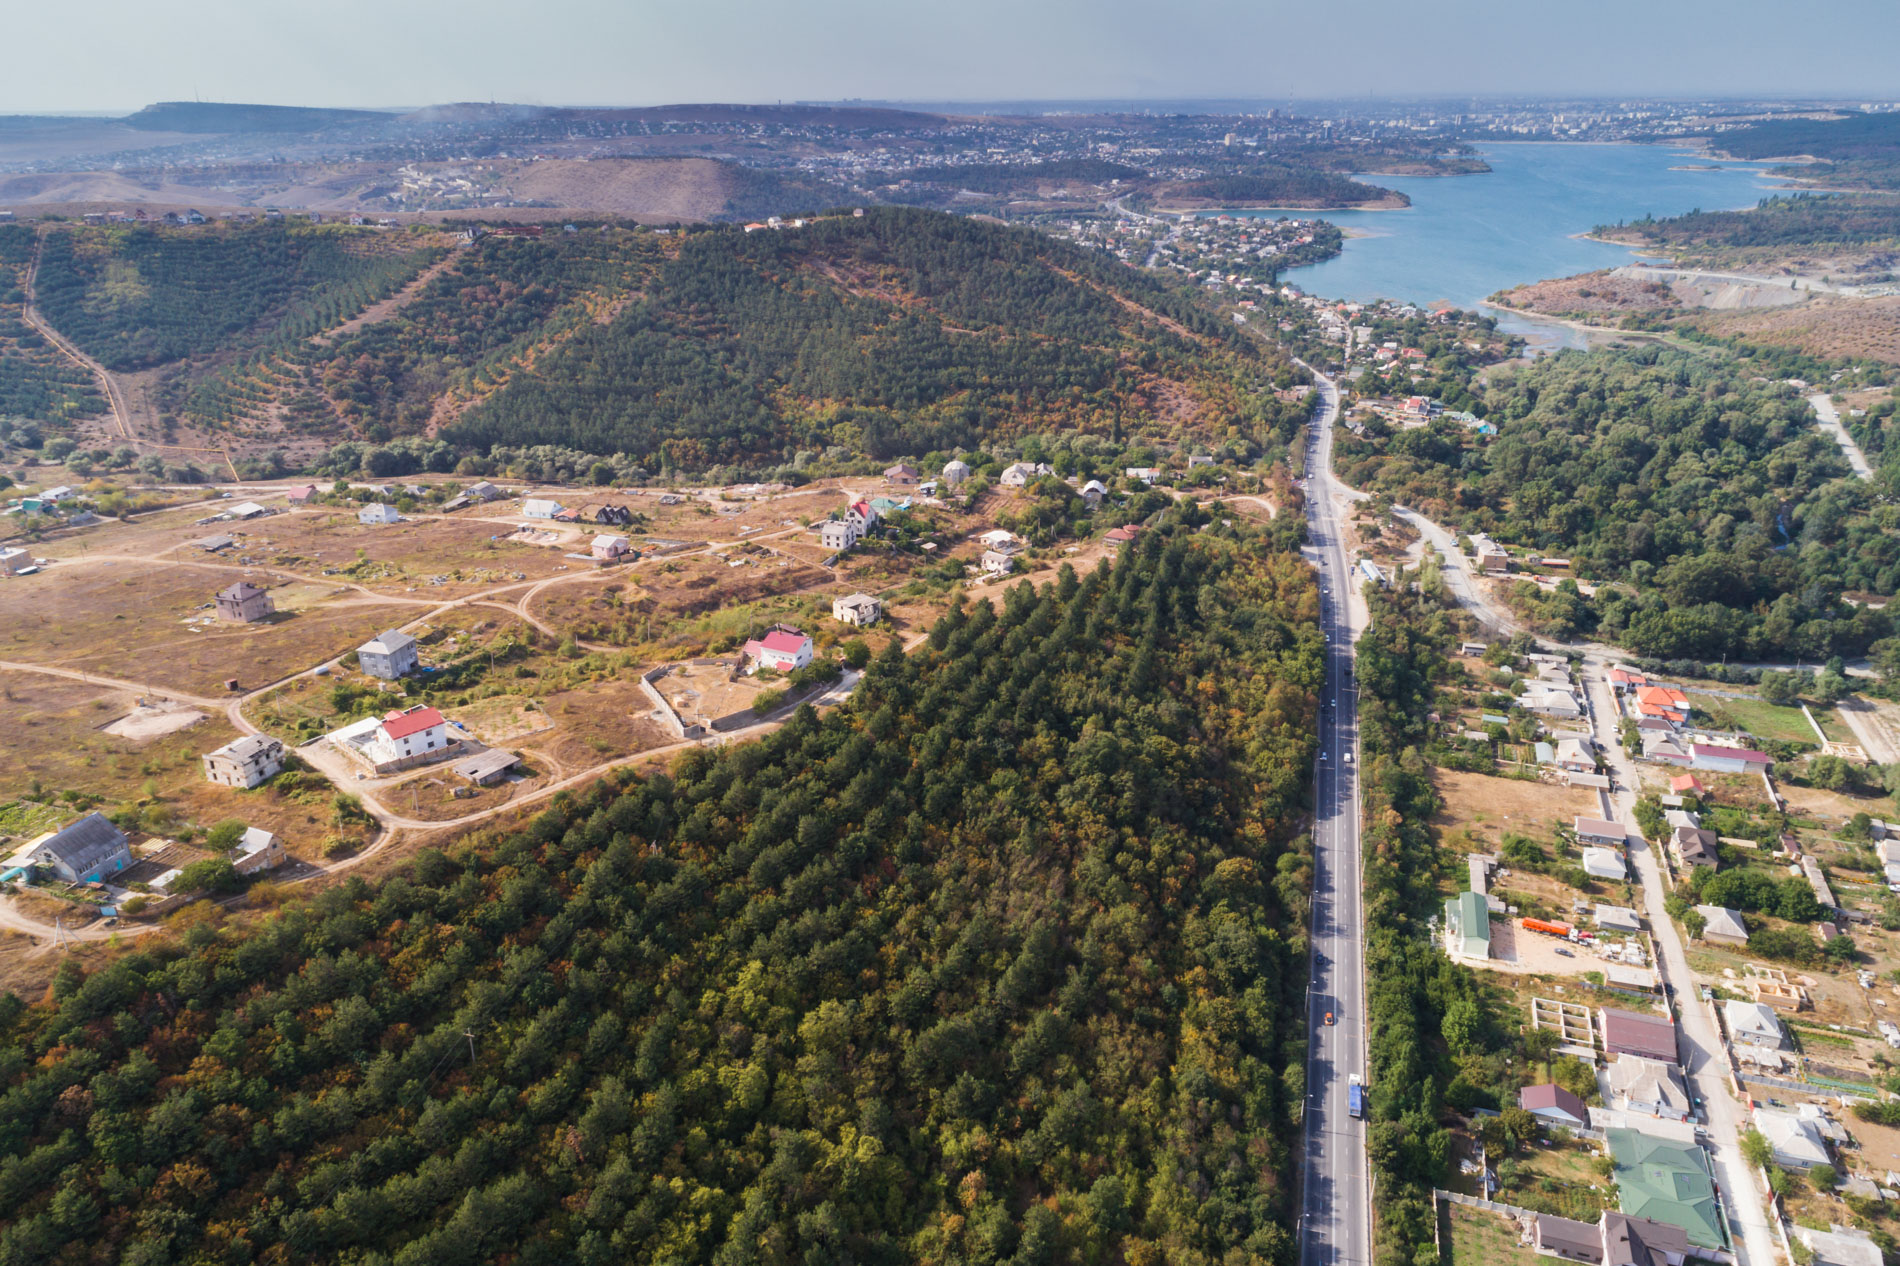 Фотографирование недвижимости с воздуха. Аэрофотосъемка в Крыму